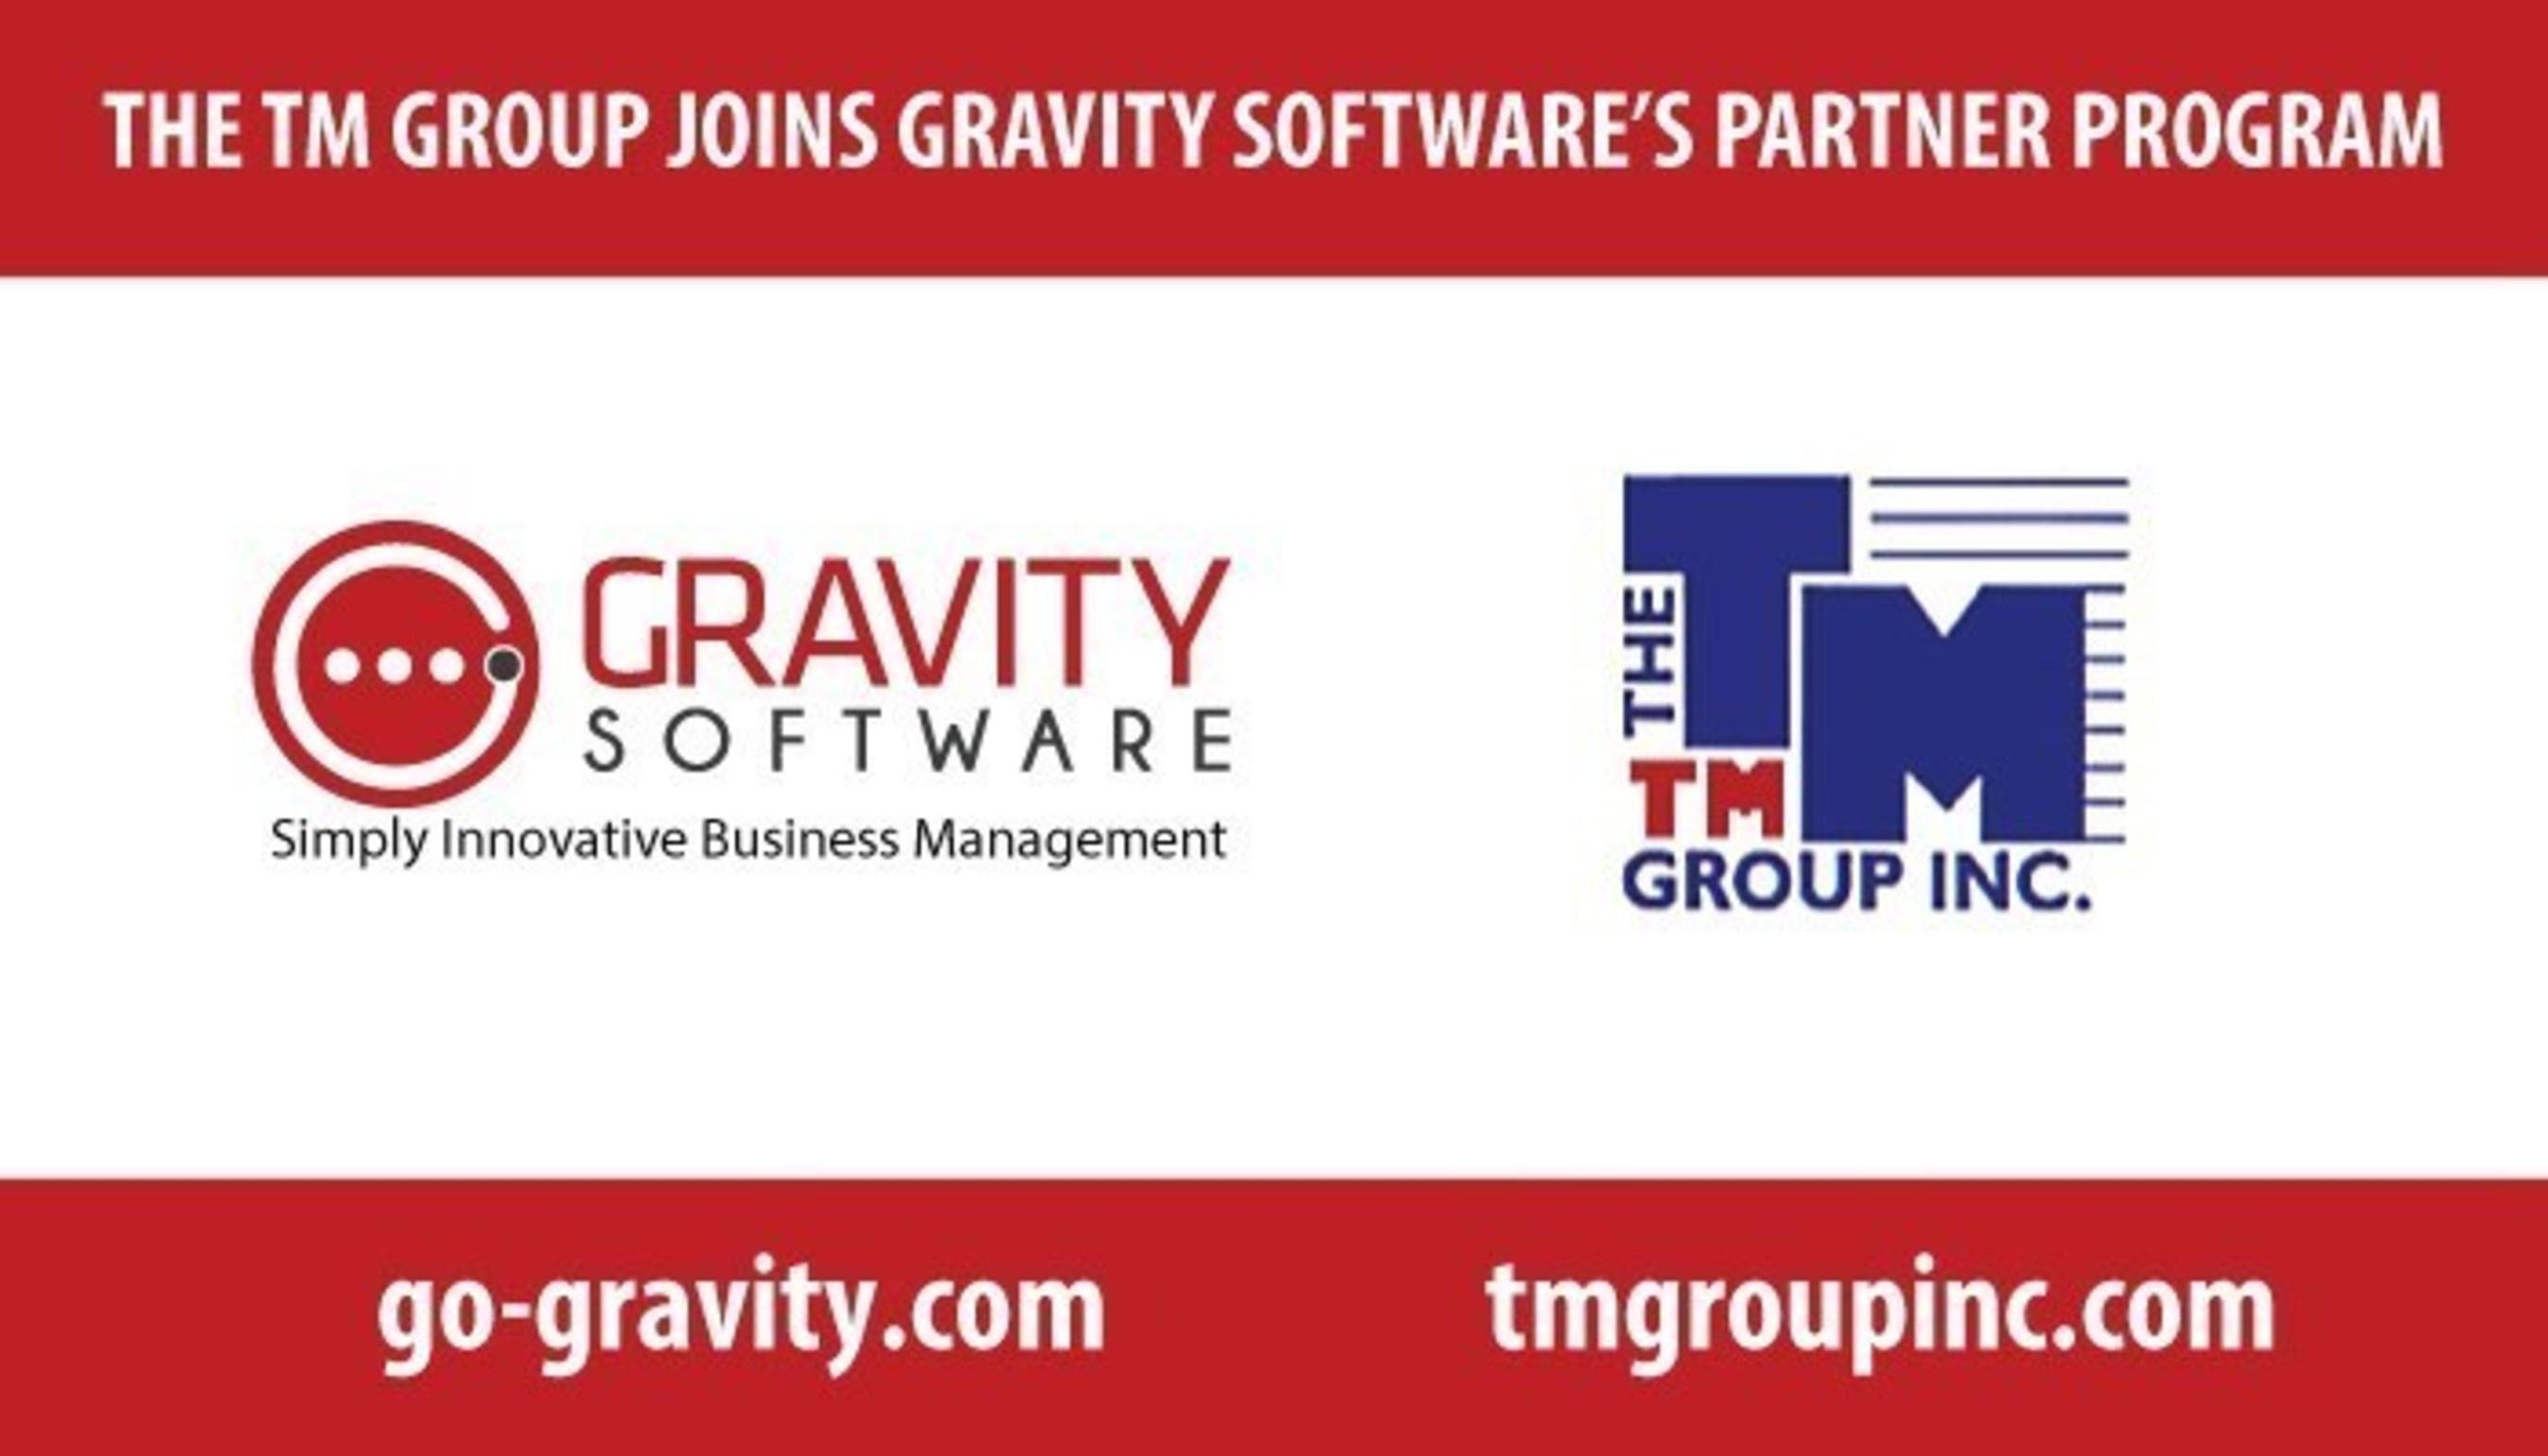 The TM Group Joins Gravity Software's Partner Program